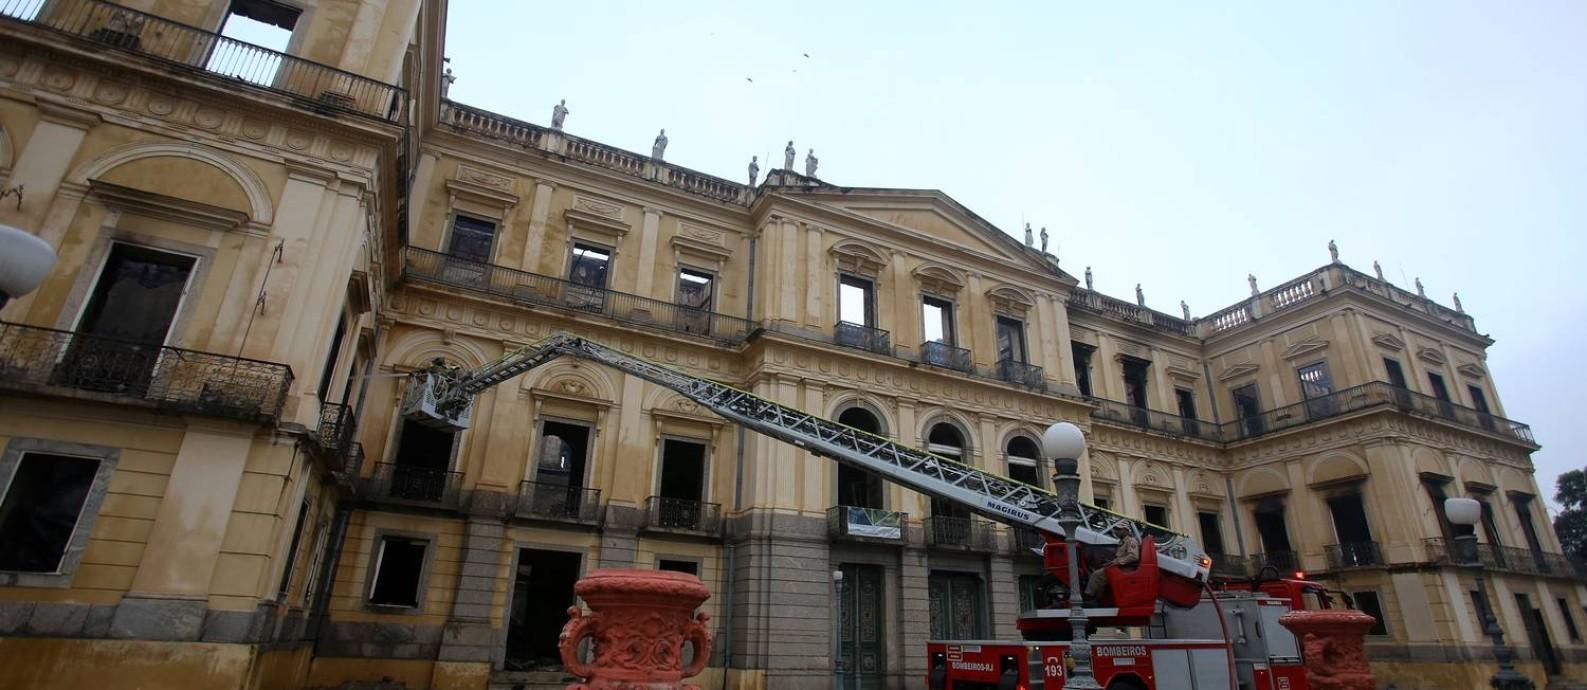 O Museu Nacional foi consumido pelas chamas Foto: Fabio Gonçalves / Agência O Globo